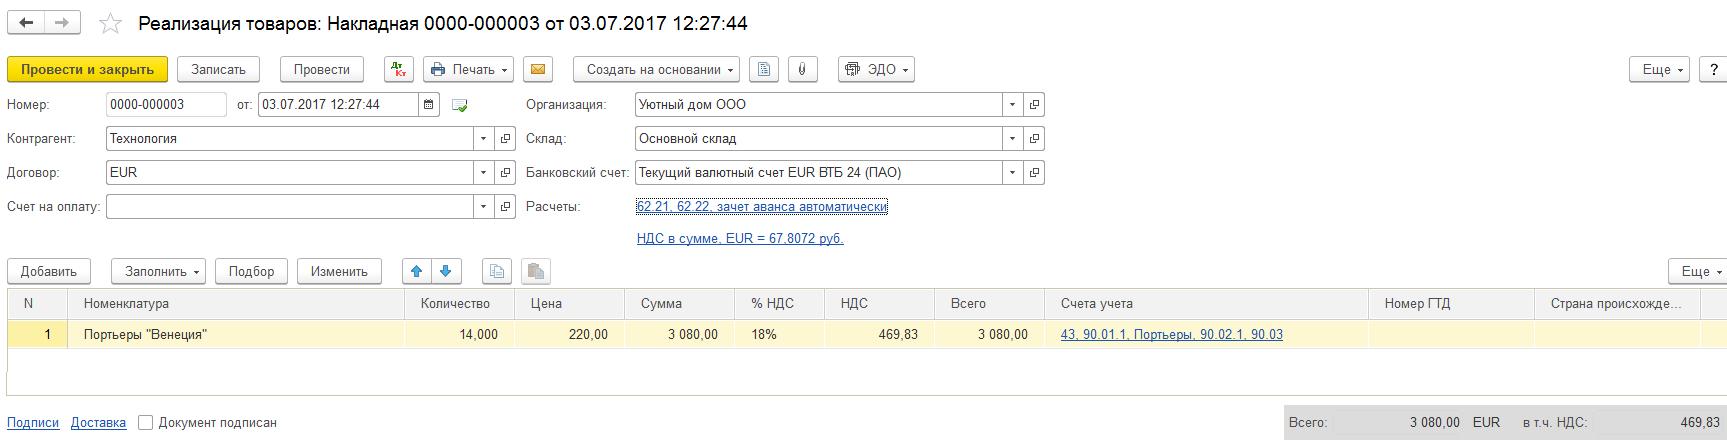 Текущий счет евро